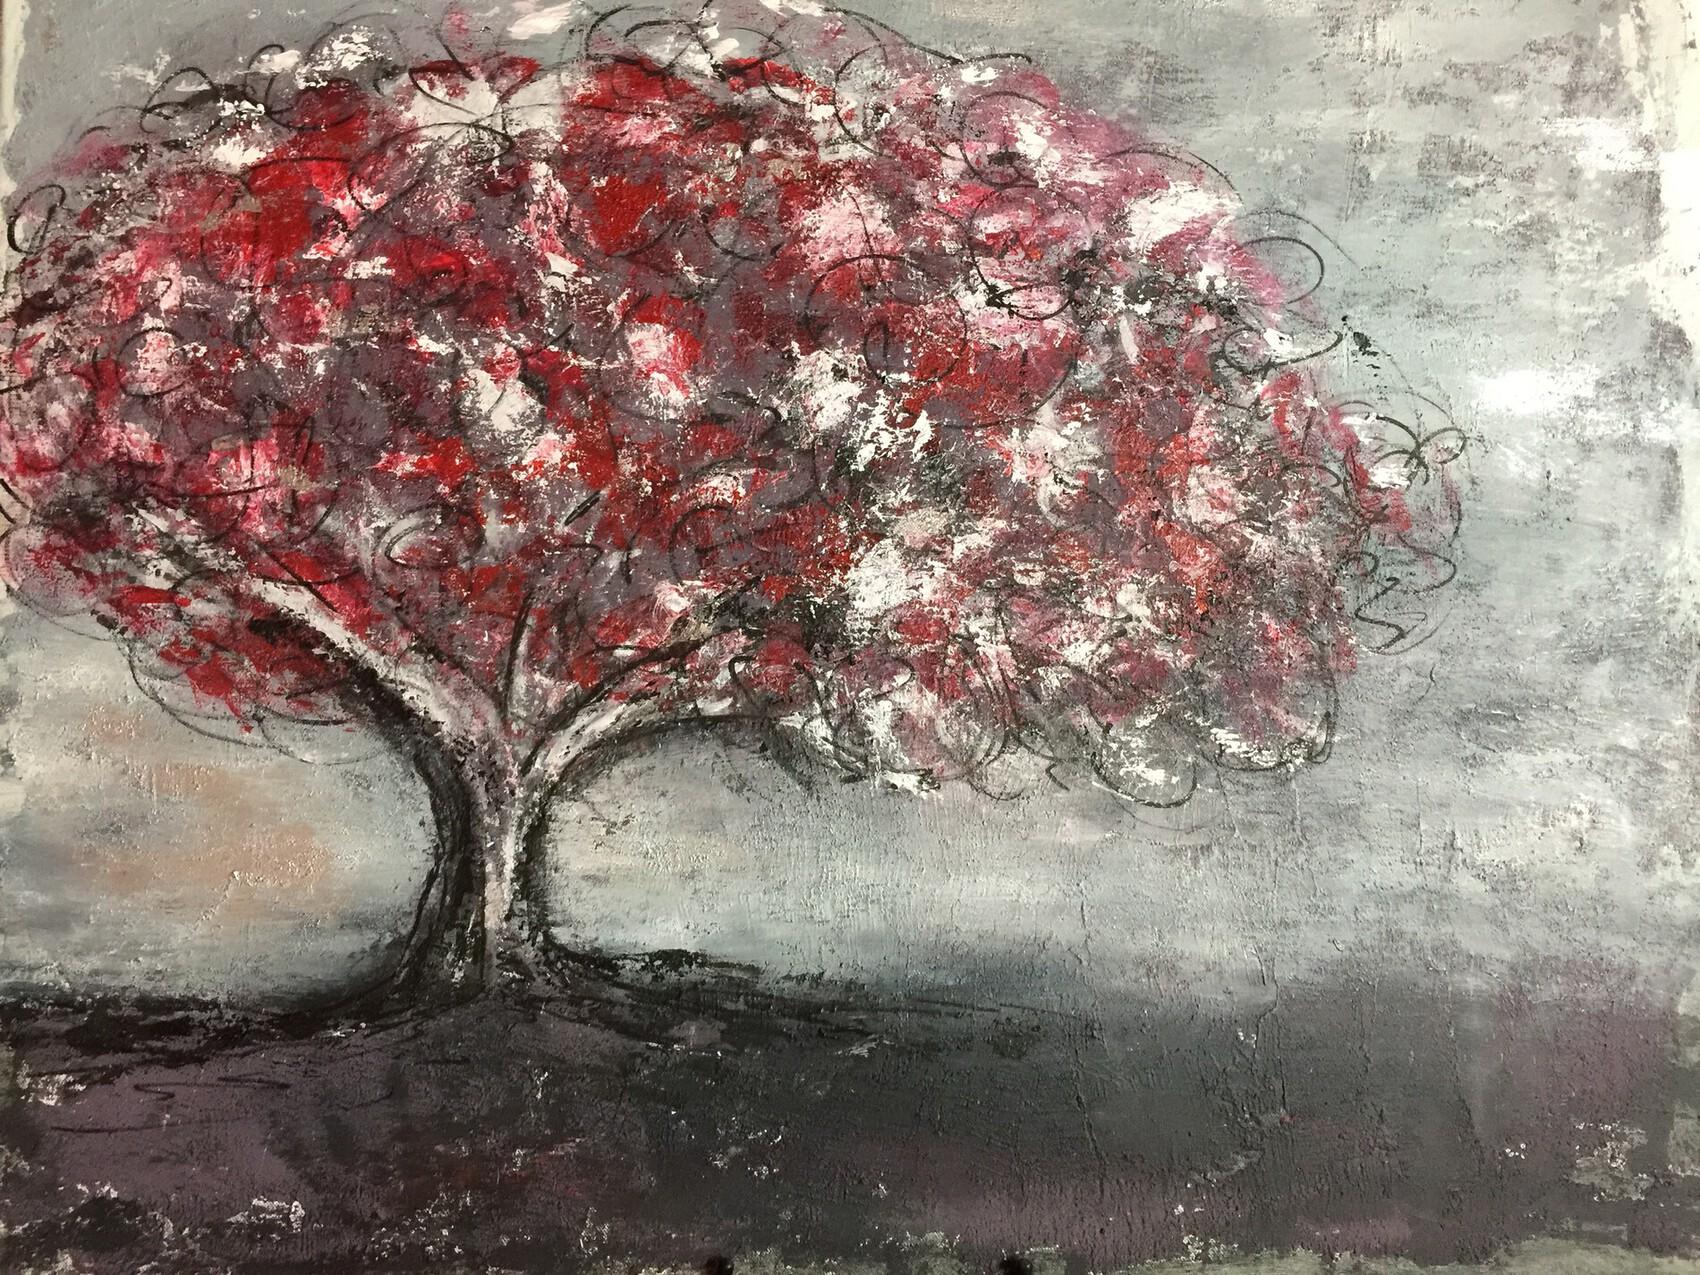 Sad cherry blossom